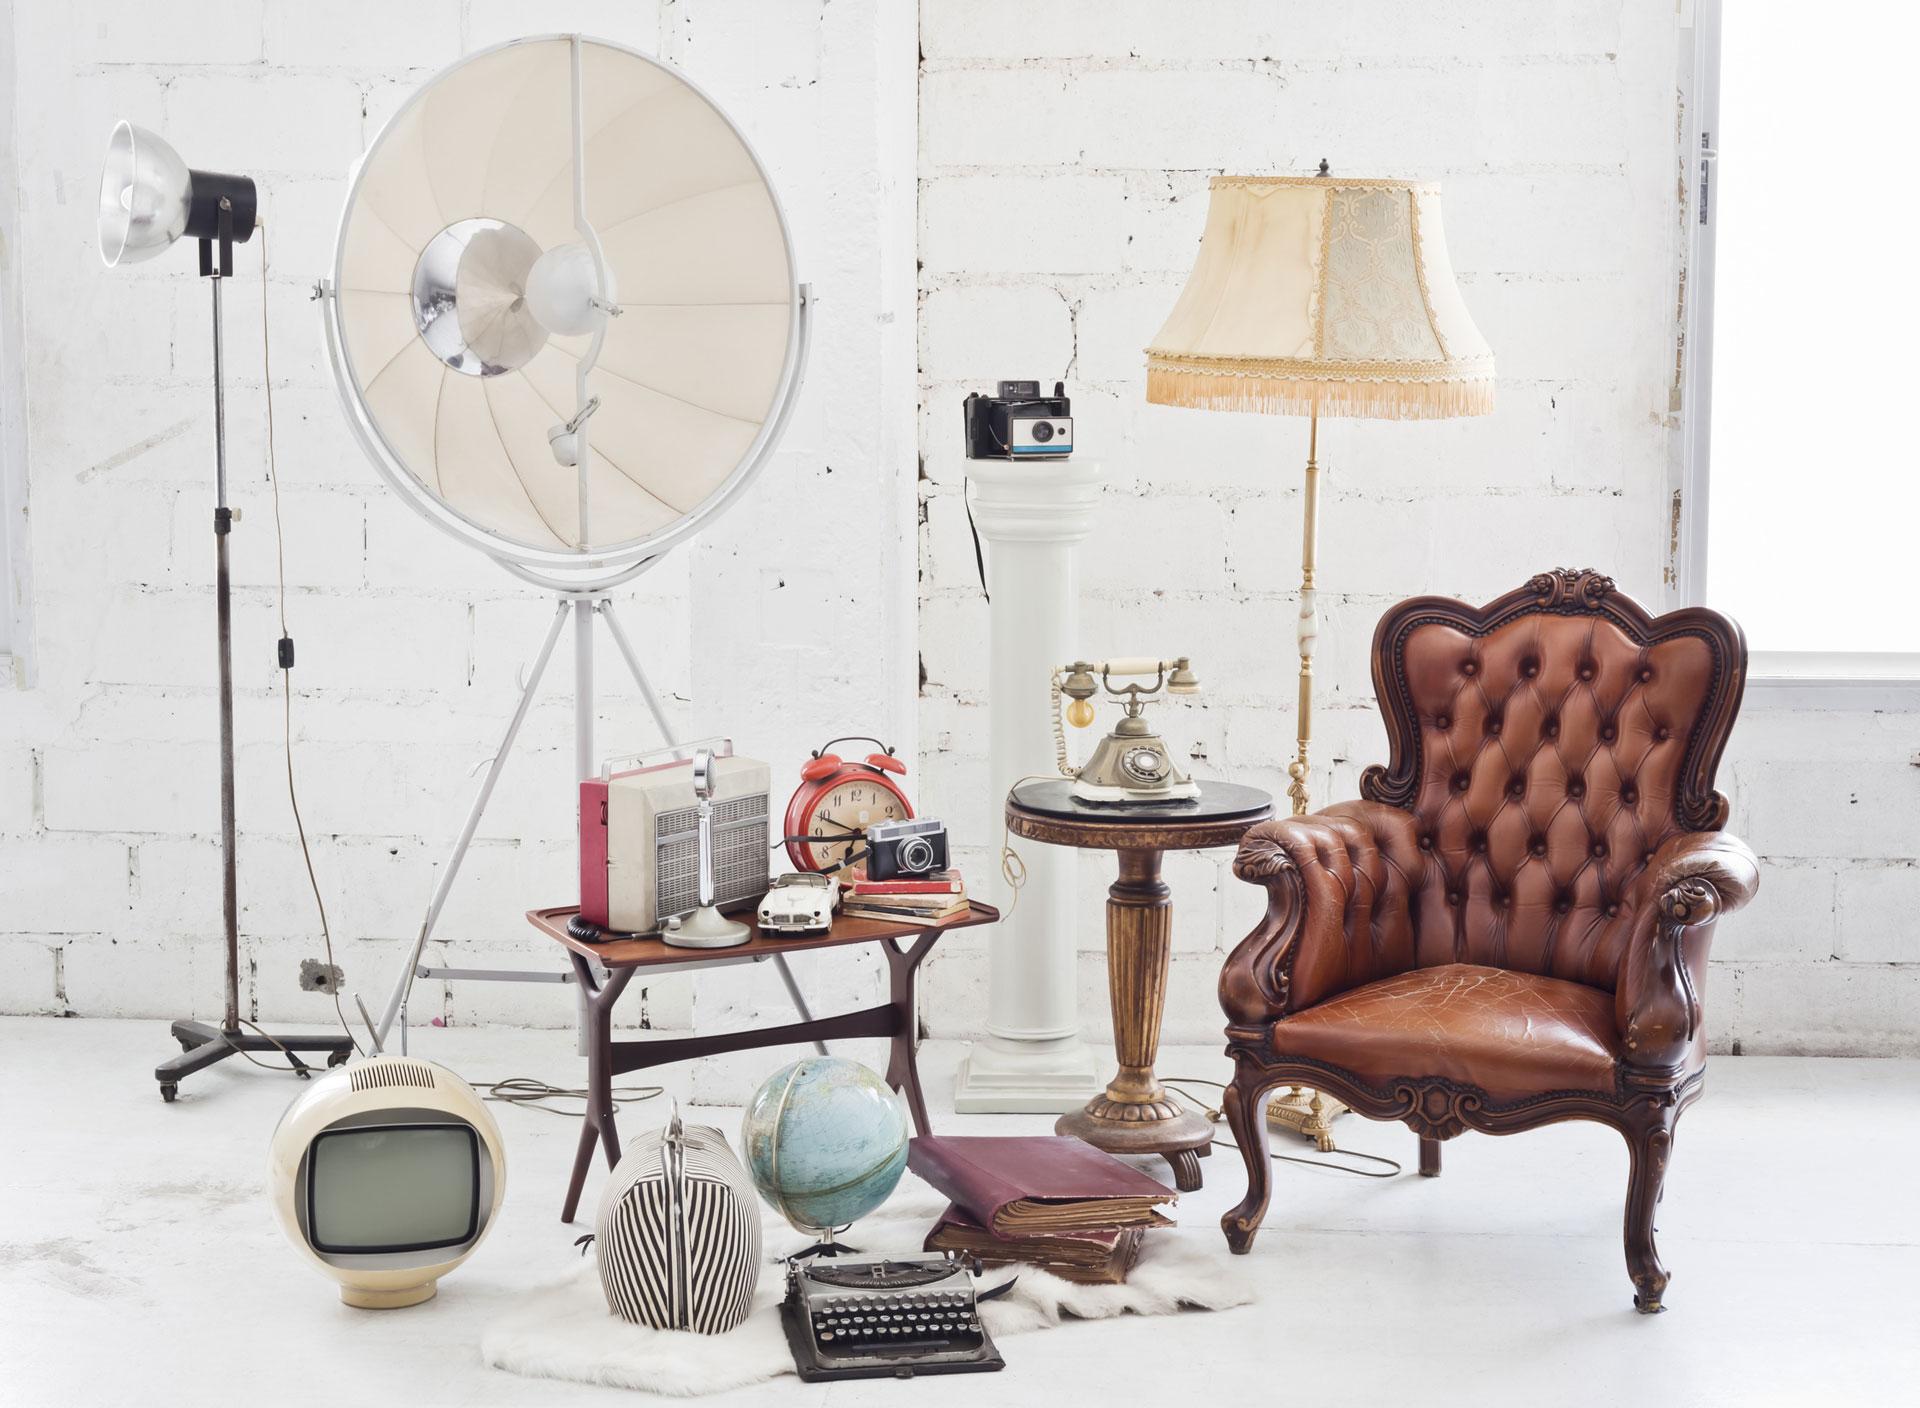 kunst und antiquit ten sch tzen lassen was ihr erbst ck gem lde m bel porzellan schmuck. Black Bedroom Furniture Sets. Home Design Ideas